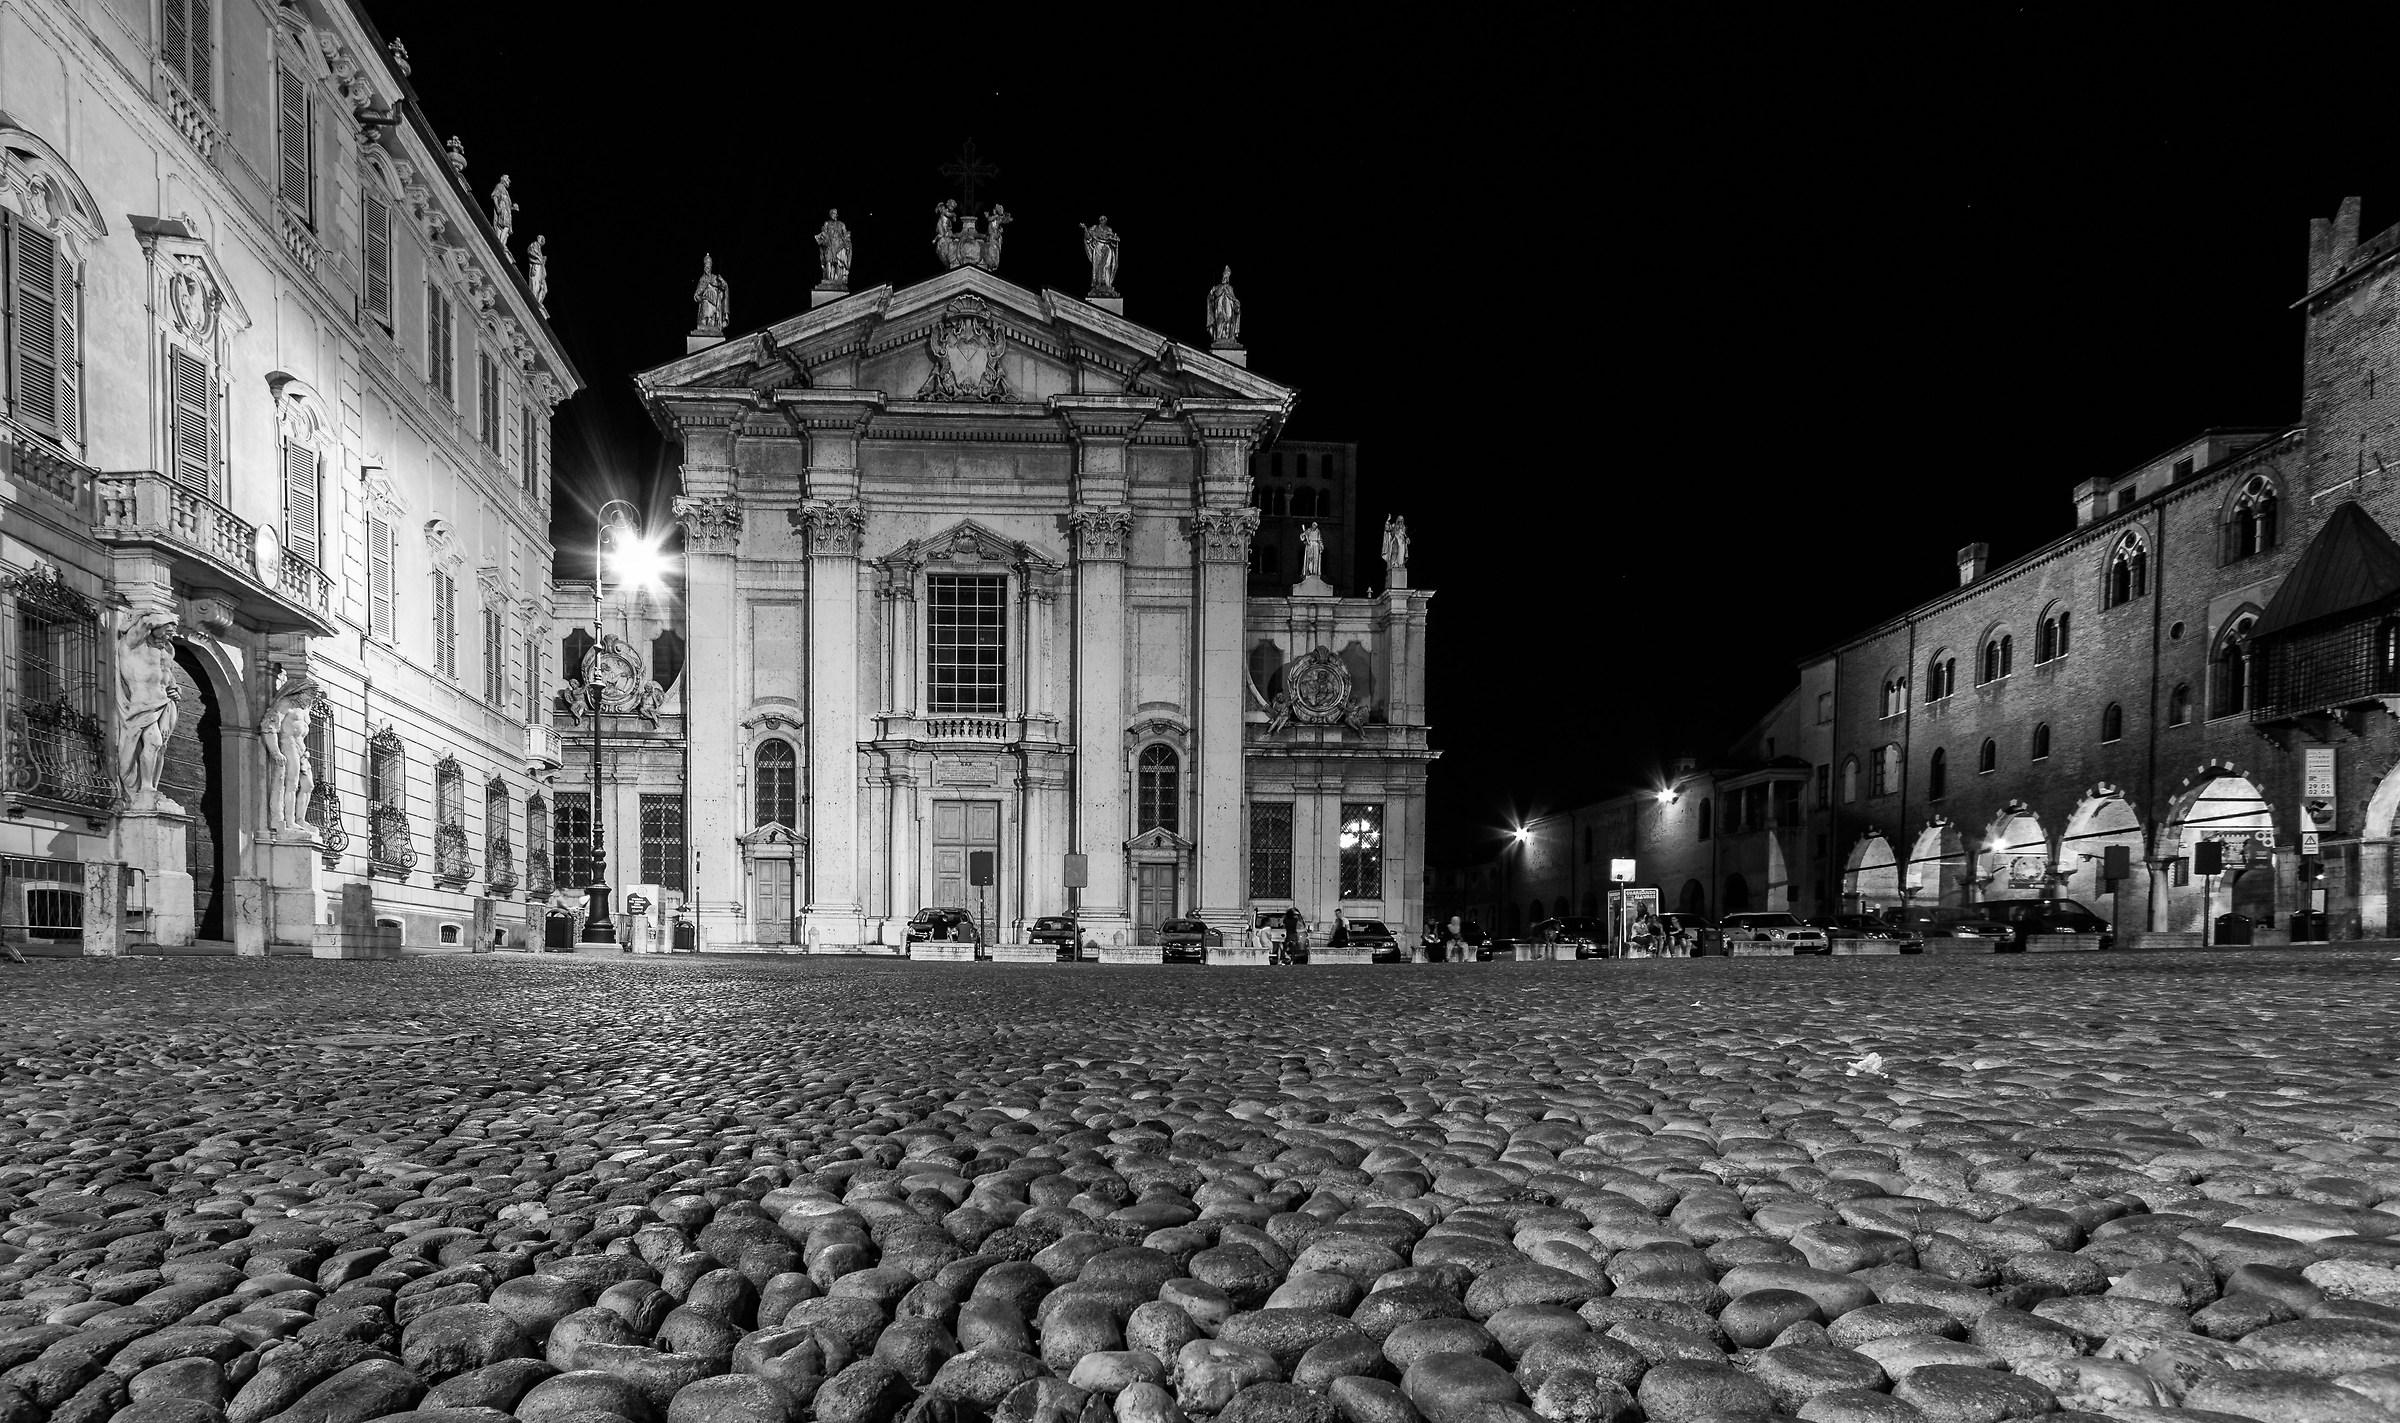 Piazza sordello mantova juzaphoto for Piazza sordello